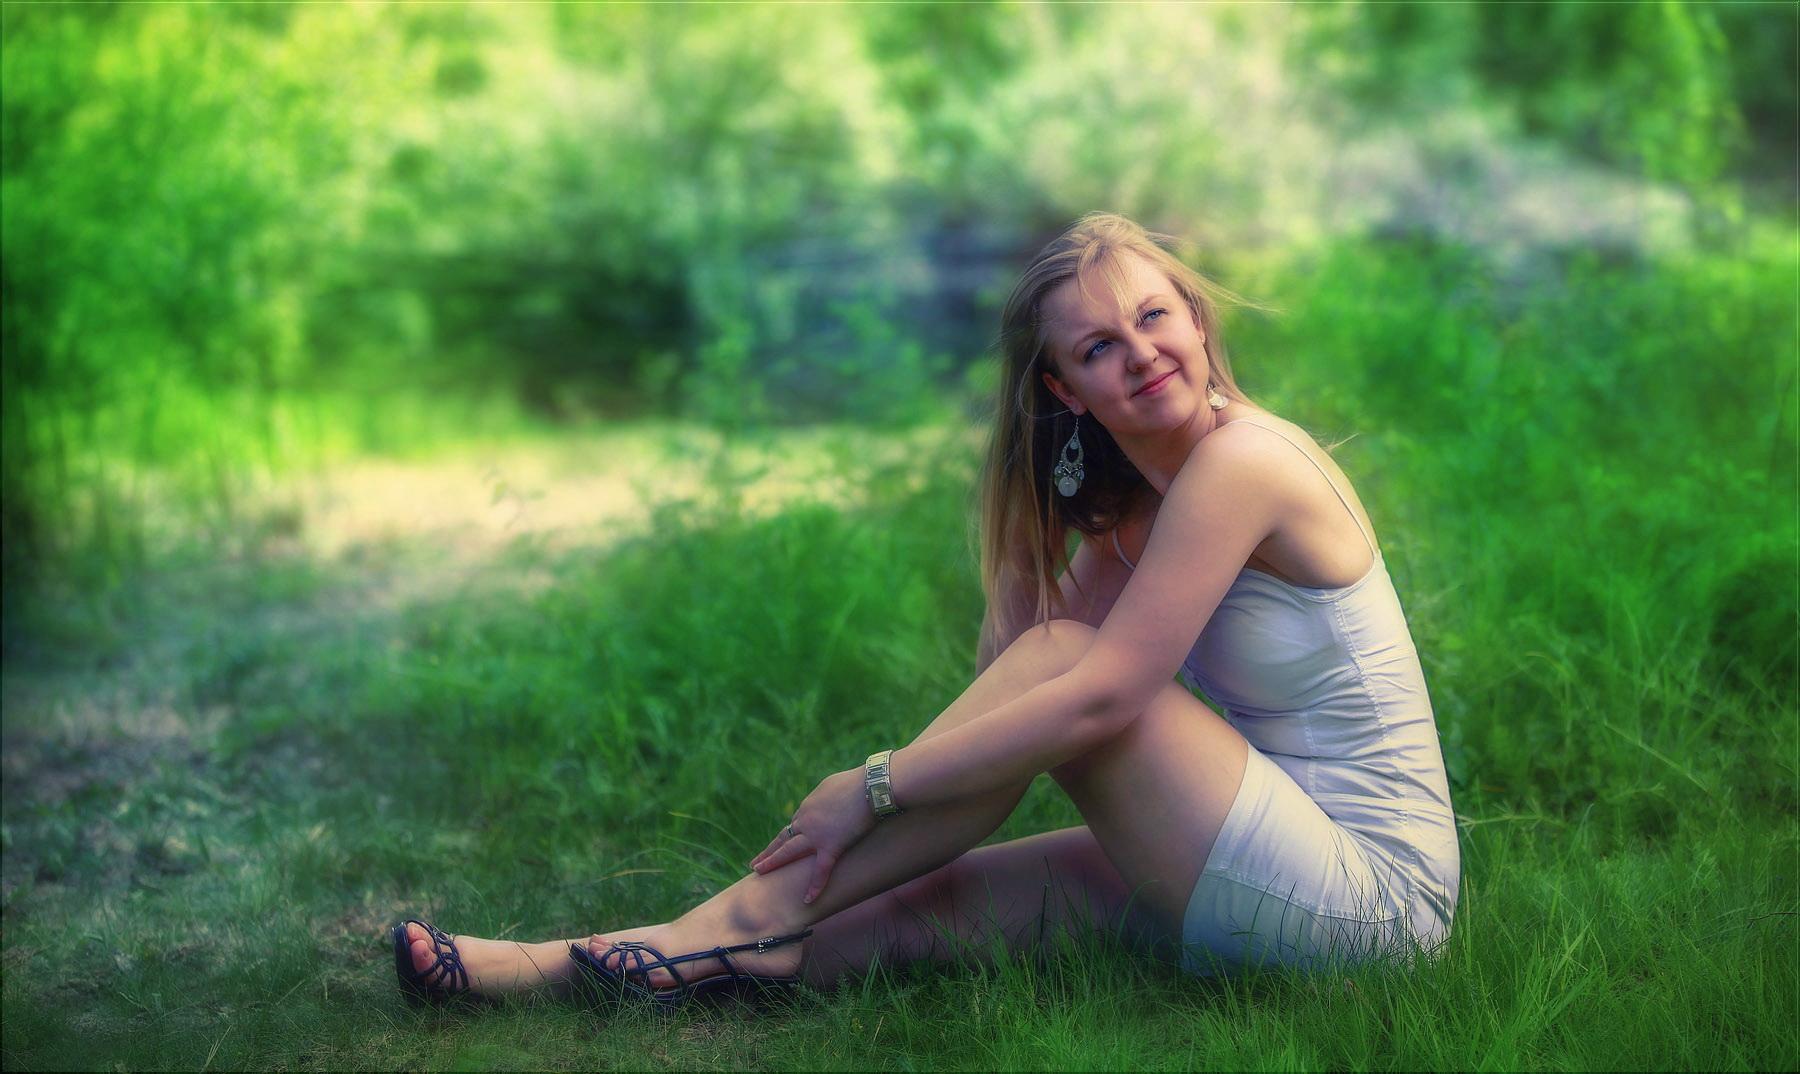 als man noch auf dem gras sitzen konnte ...